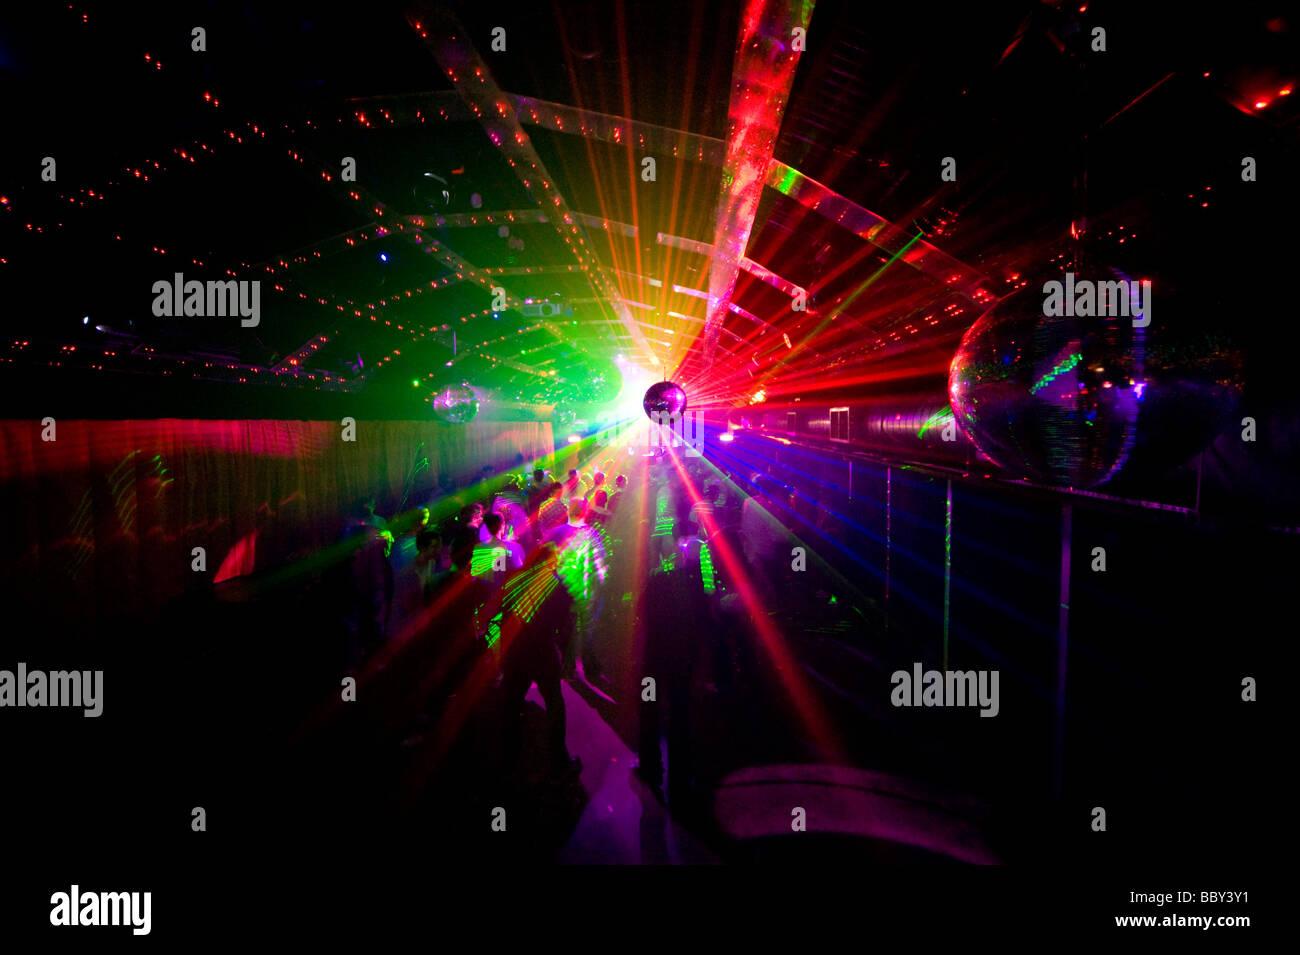 a-laser-show-at-a-night-club-BBY3Y1.jpg